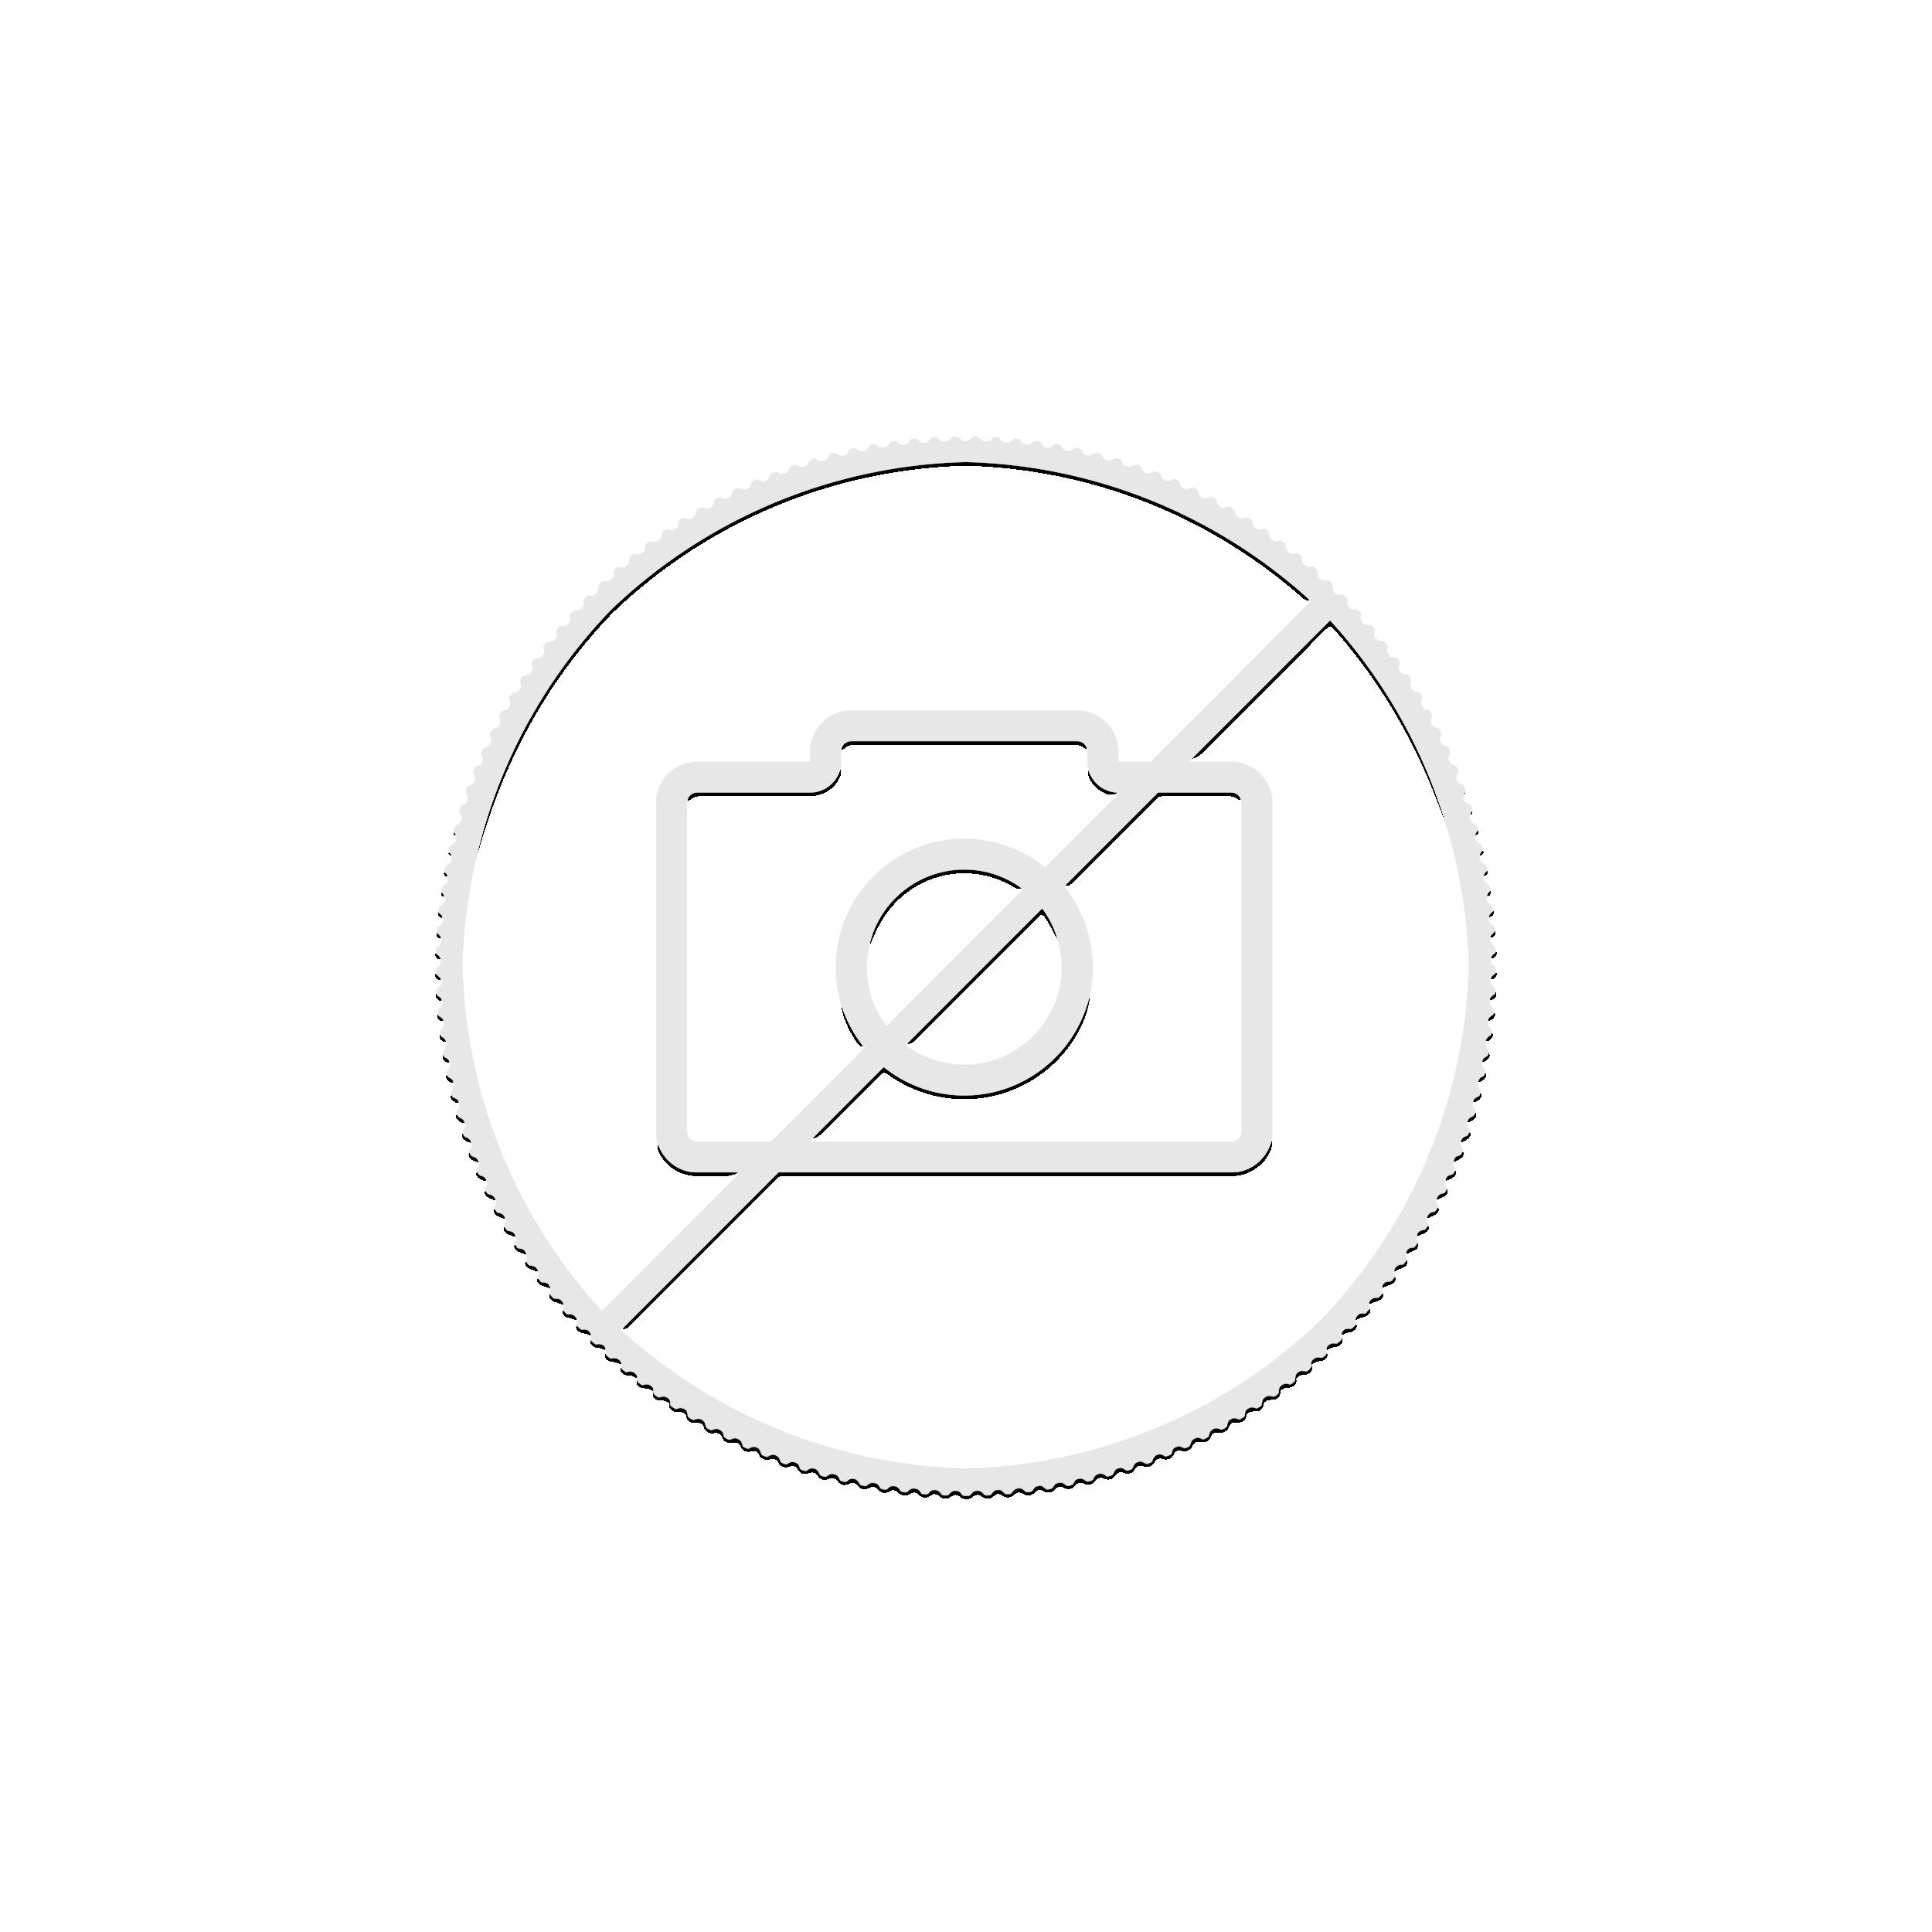 El Dorado zilveren penningen van de Franklin Mint